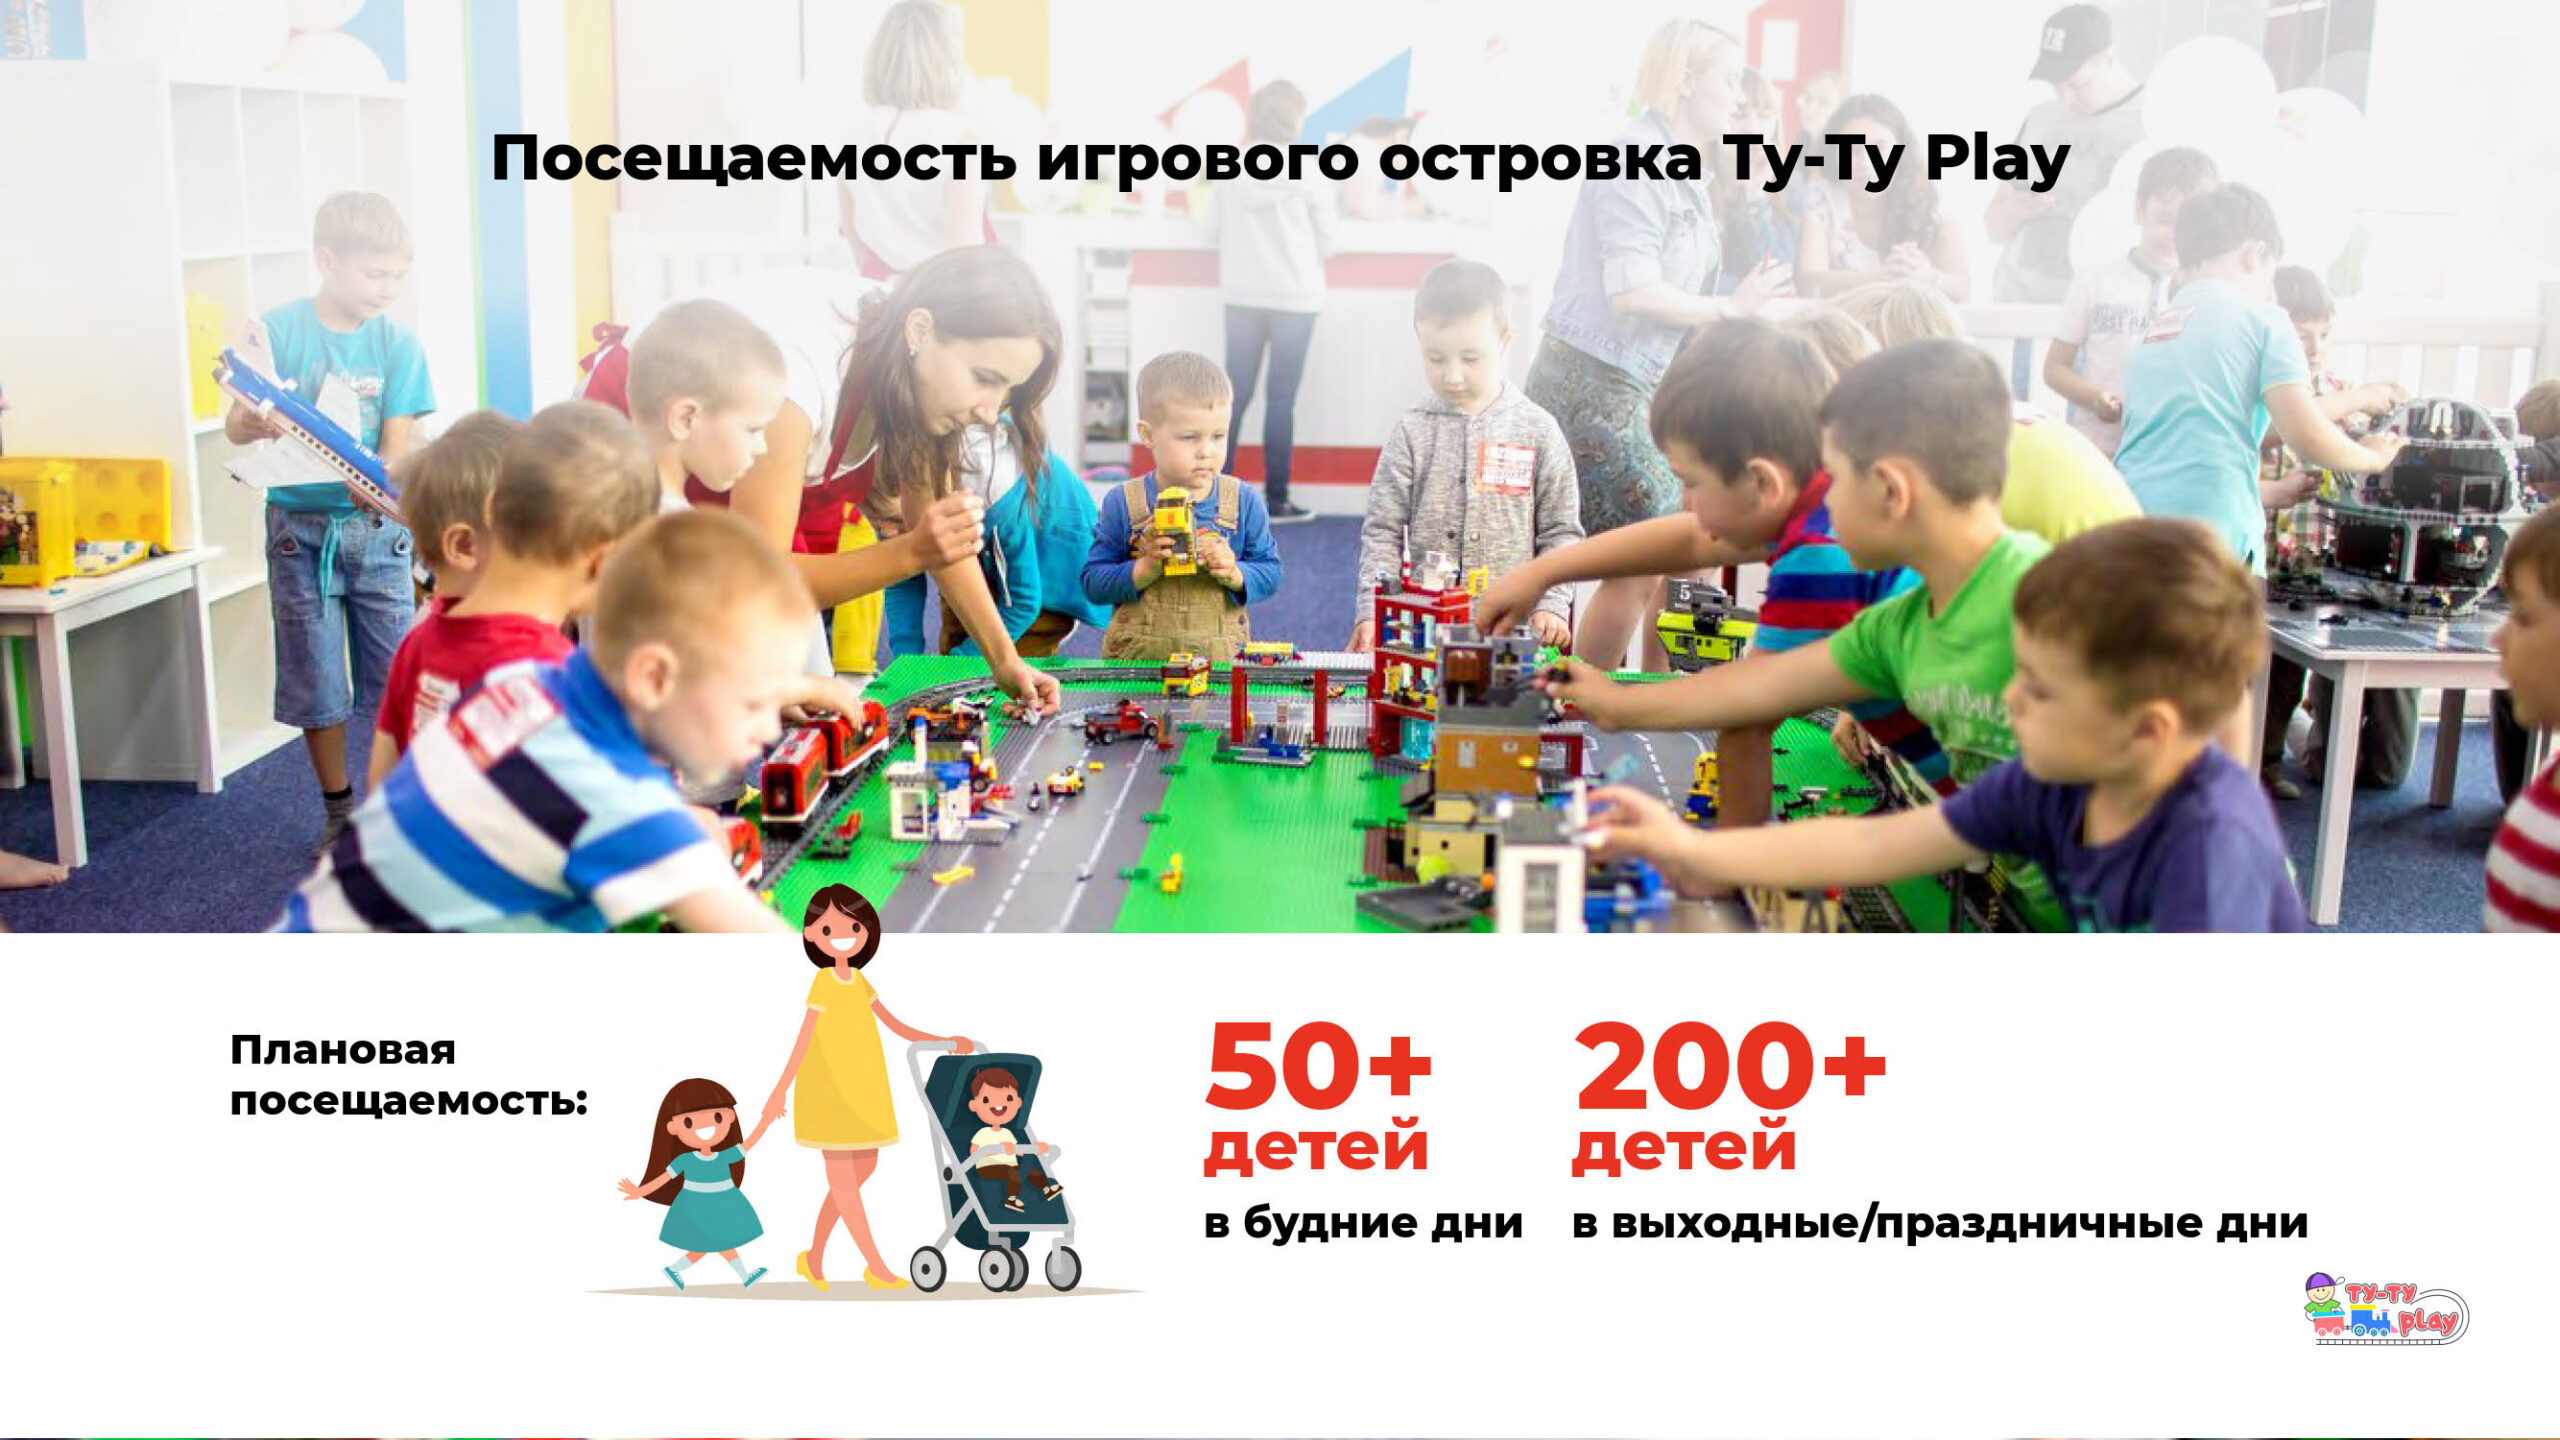 Презентация детского игрового островка «Ту-Ту Play»